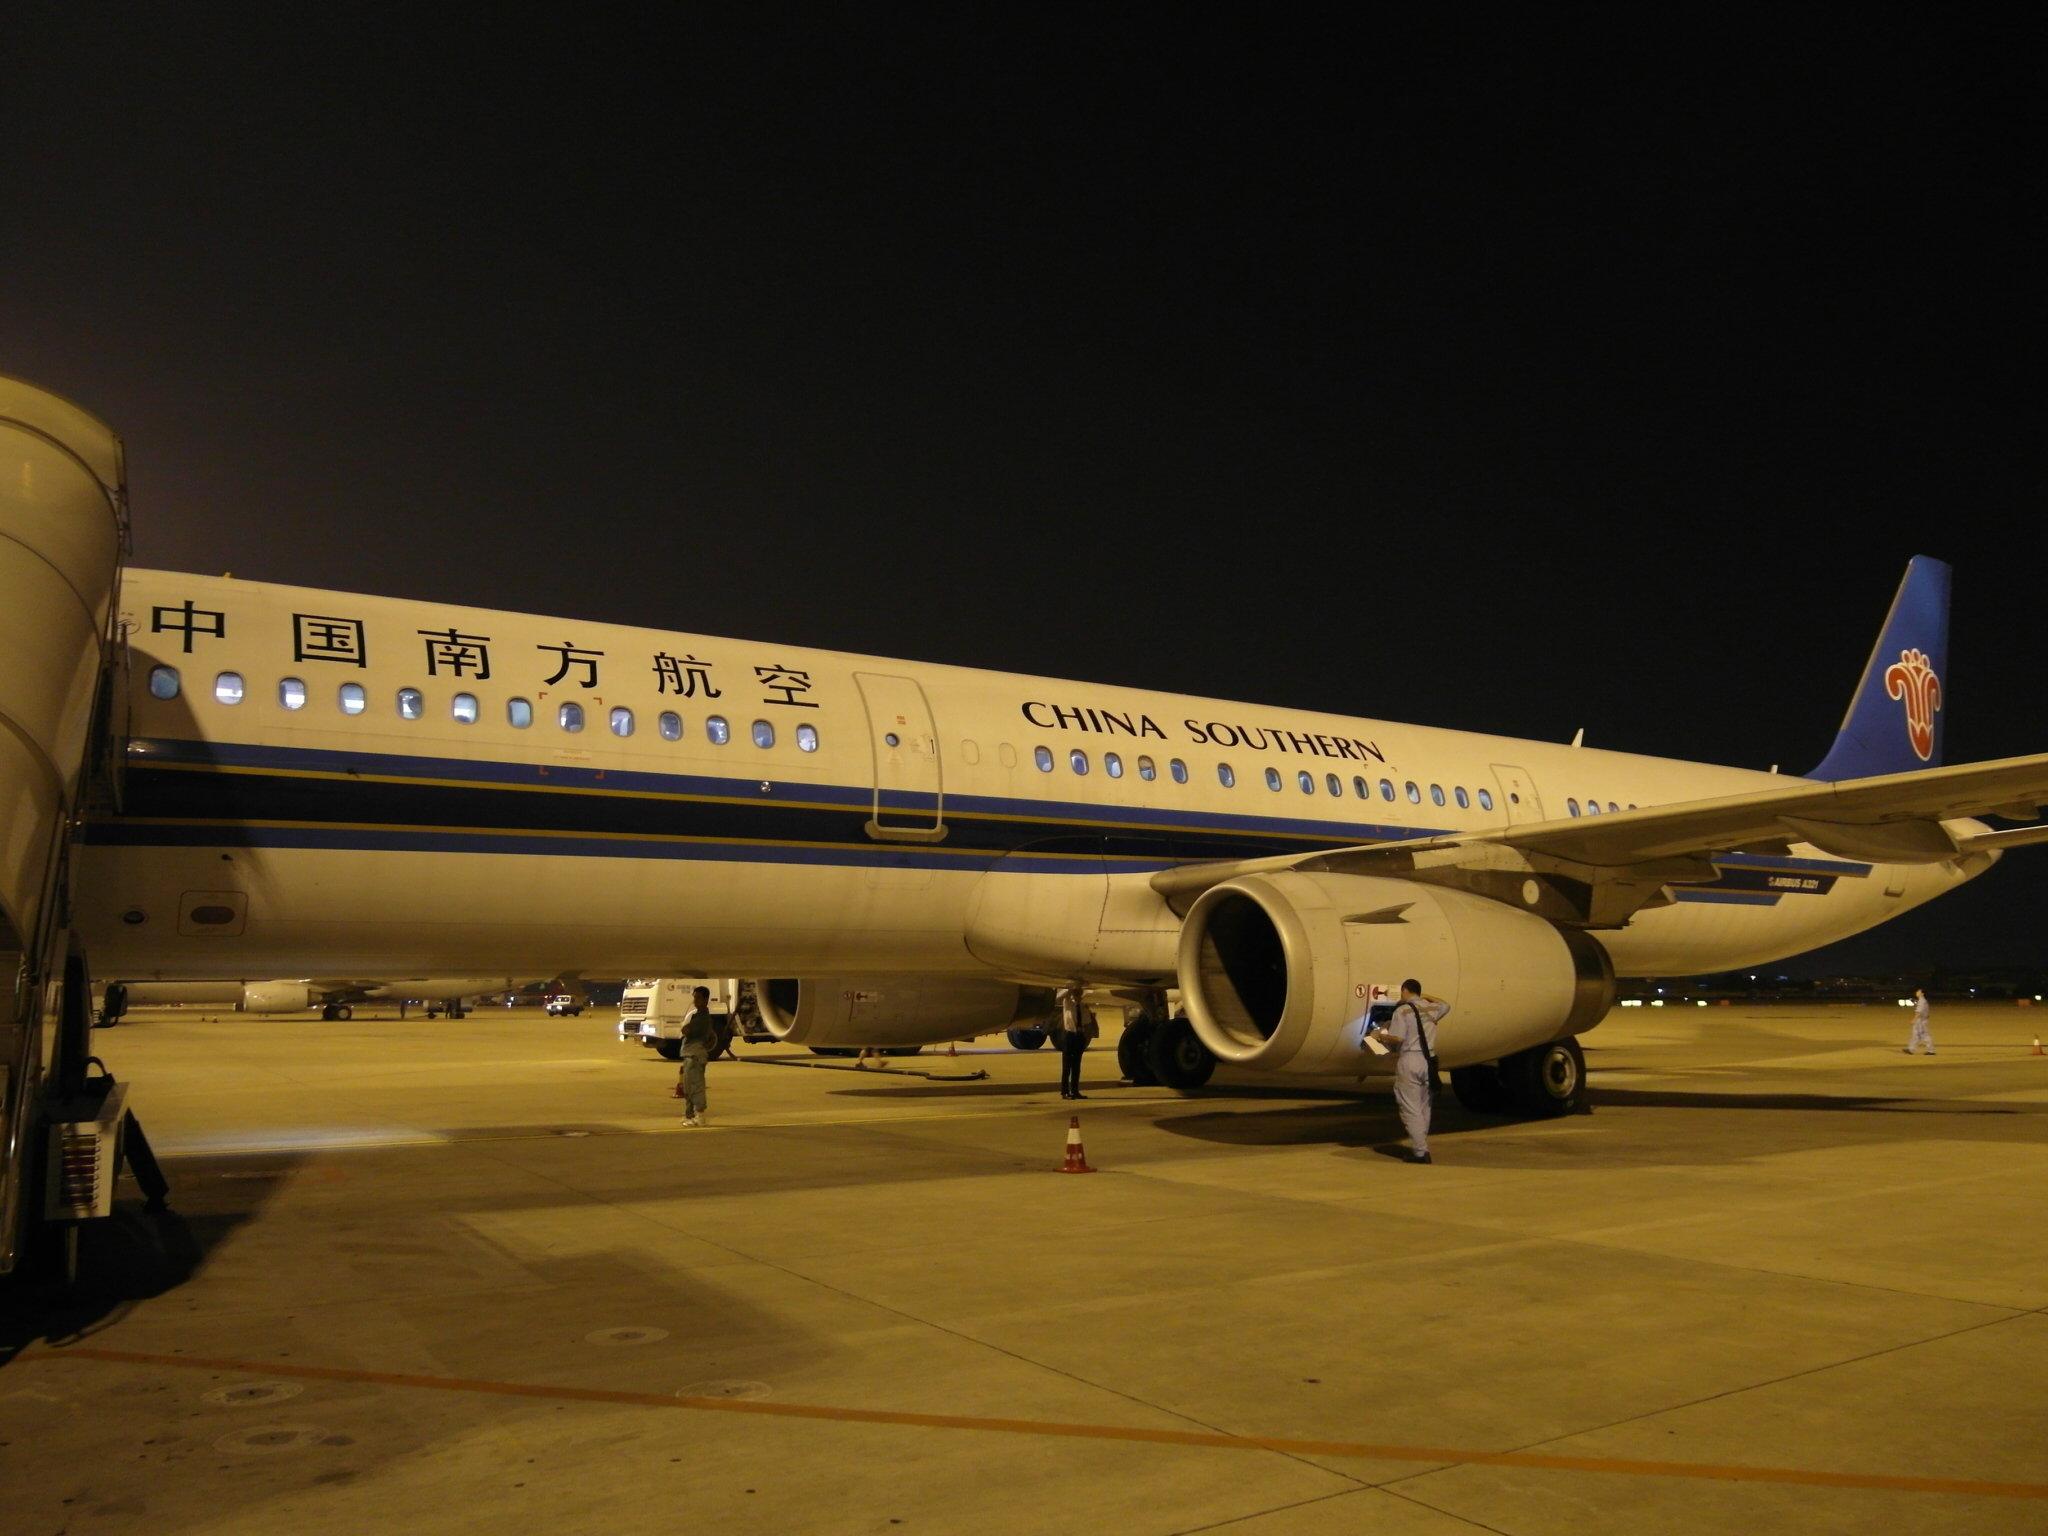 上次去北京的时候,也是原本乘中国国际航空,却变了澳门航空的飞机.